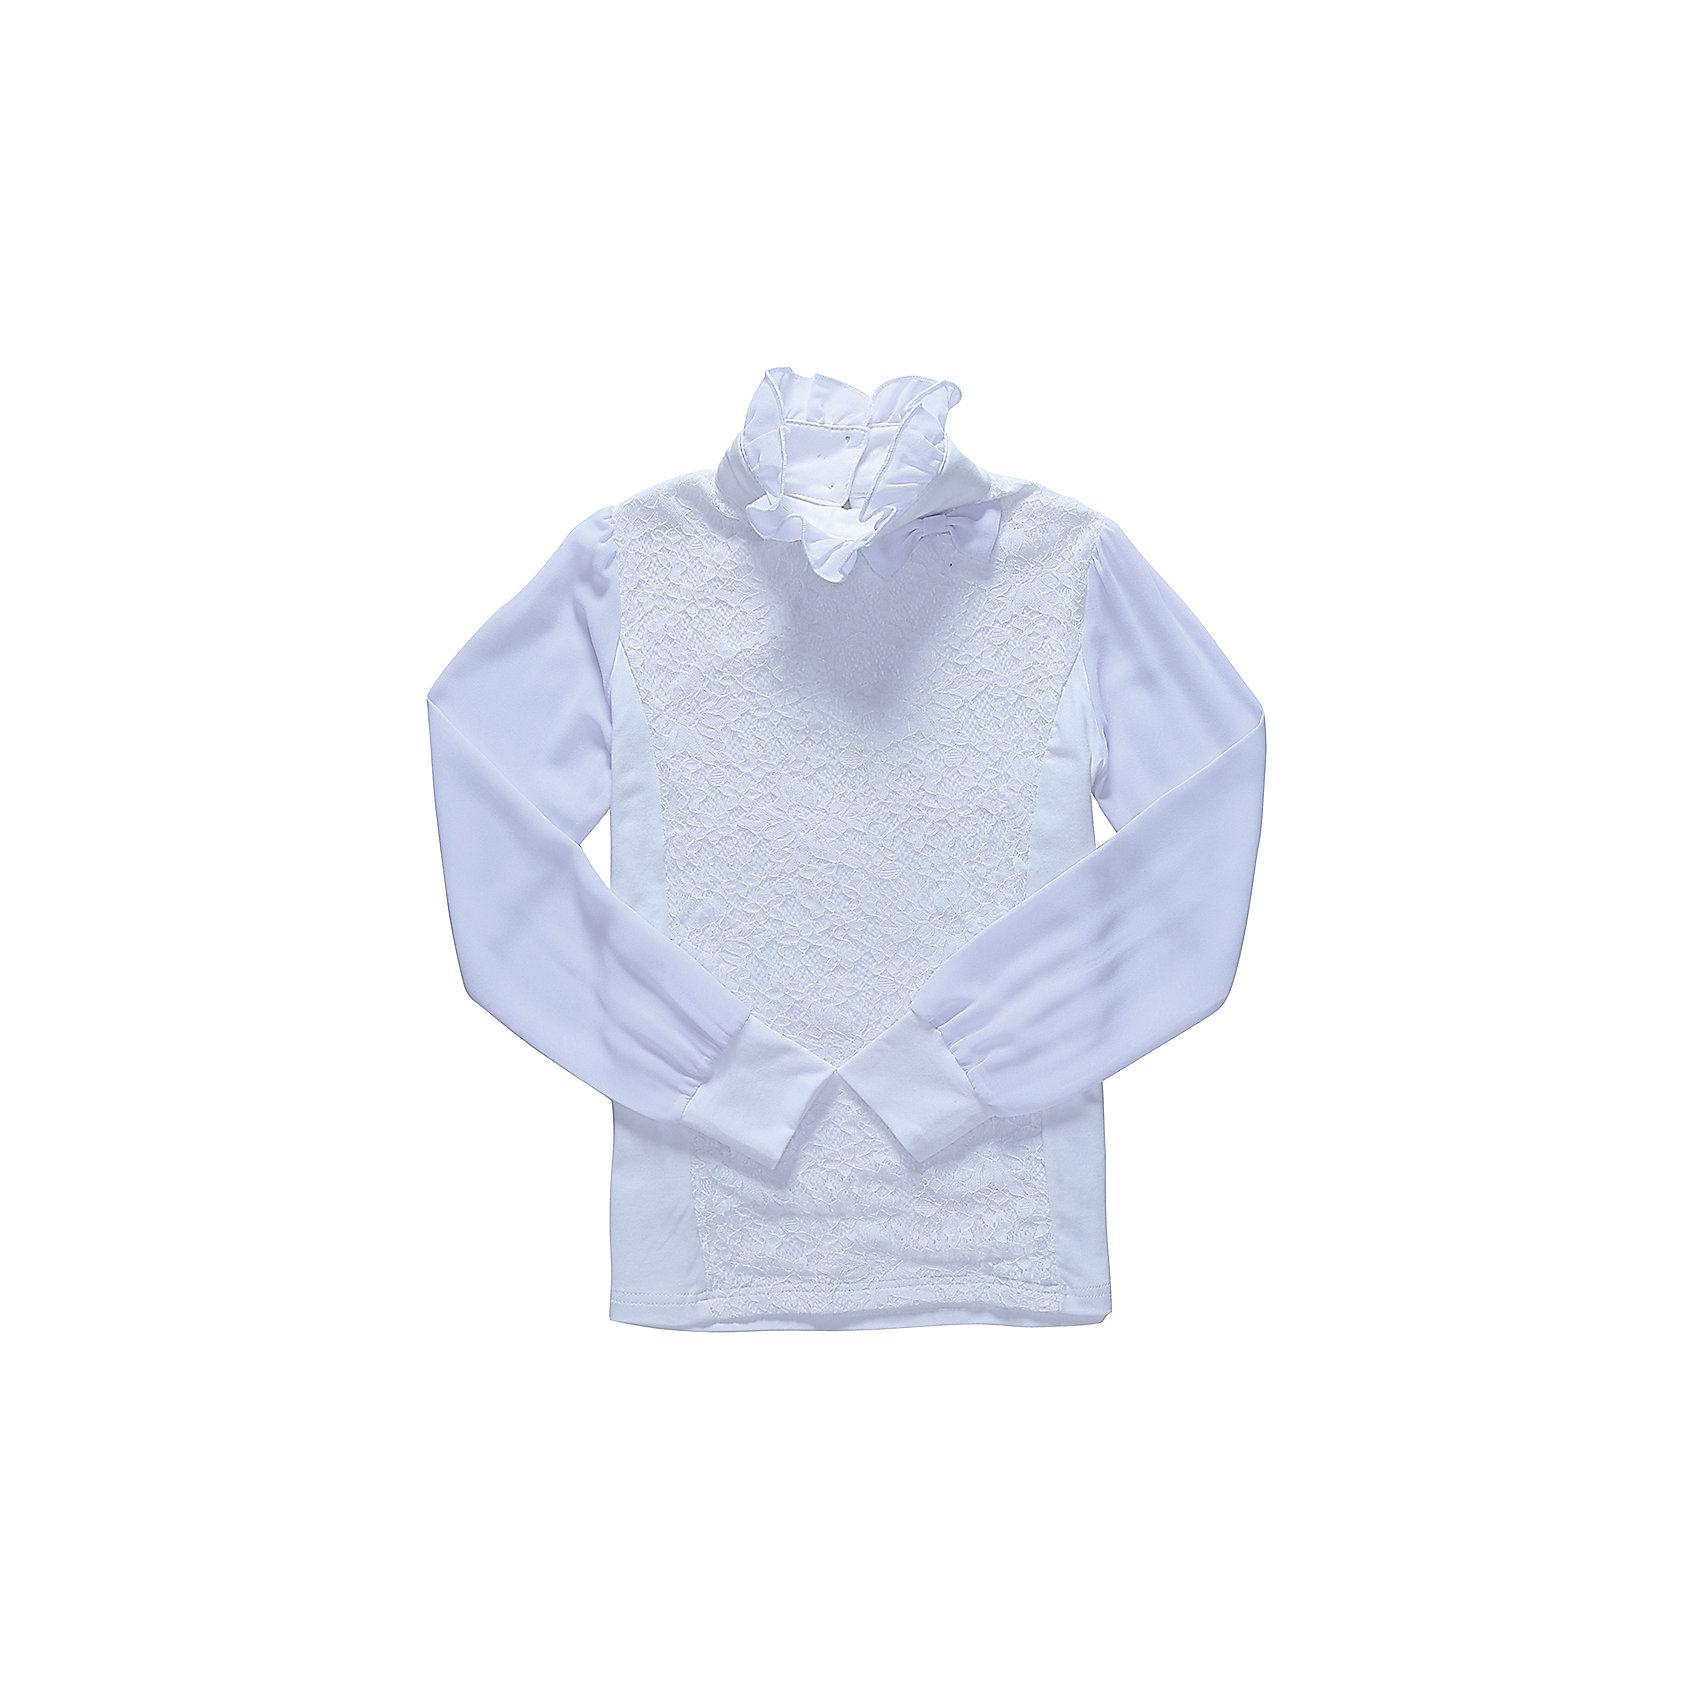 Блузка для девочки LuminosoБлузки и рубашки<br>Характеристики товара:<br><br>• цвет: молочный;<br>• состав: 95% хлопок, 5% эластан;<br>• сезон: демисезон;<br>• особенности: школьная, с кружевом;<br>• застежка: две пуговки на спинке;<br>• длинные рукава из легкого шифона;<br>• воротник-стойка;<br>• декорирована кружевом;<br>• трикотажные манжеты;<br>• страна бренда: Россия;<br>• страна производства: Китай.<br><br>Школьная блузка с длинным рукавом для девочки. Белая блузка застегивается на две пуговицы на спинке. Рукава выполнены из легкого шифона, манжеты трикотажные. Блузка декорирована кружевом в тон изделию, воротник-стойка украшен шифоновым воланом.<br><br>Блузка для девочки Luminoso (Люминосо) можно купить в нашем интернет-магазине.<br><br>Ширина мм: 186<br>Глубина мм: 87<br>Высота мм: 198<br>Вес г: 197<br>Цвет: белый<br>Возраст от месяцев: 72<br>Возраст до месяцев: 84<br>Пол: Женский<br>Возраст: Детский<br>Размер: 122,164,128,134,140,146,152,158<br>SKU: 6673076